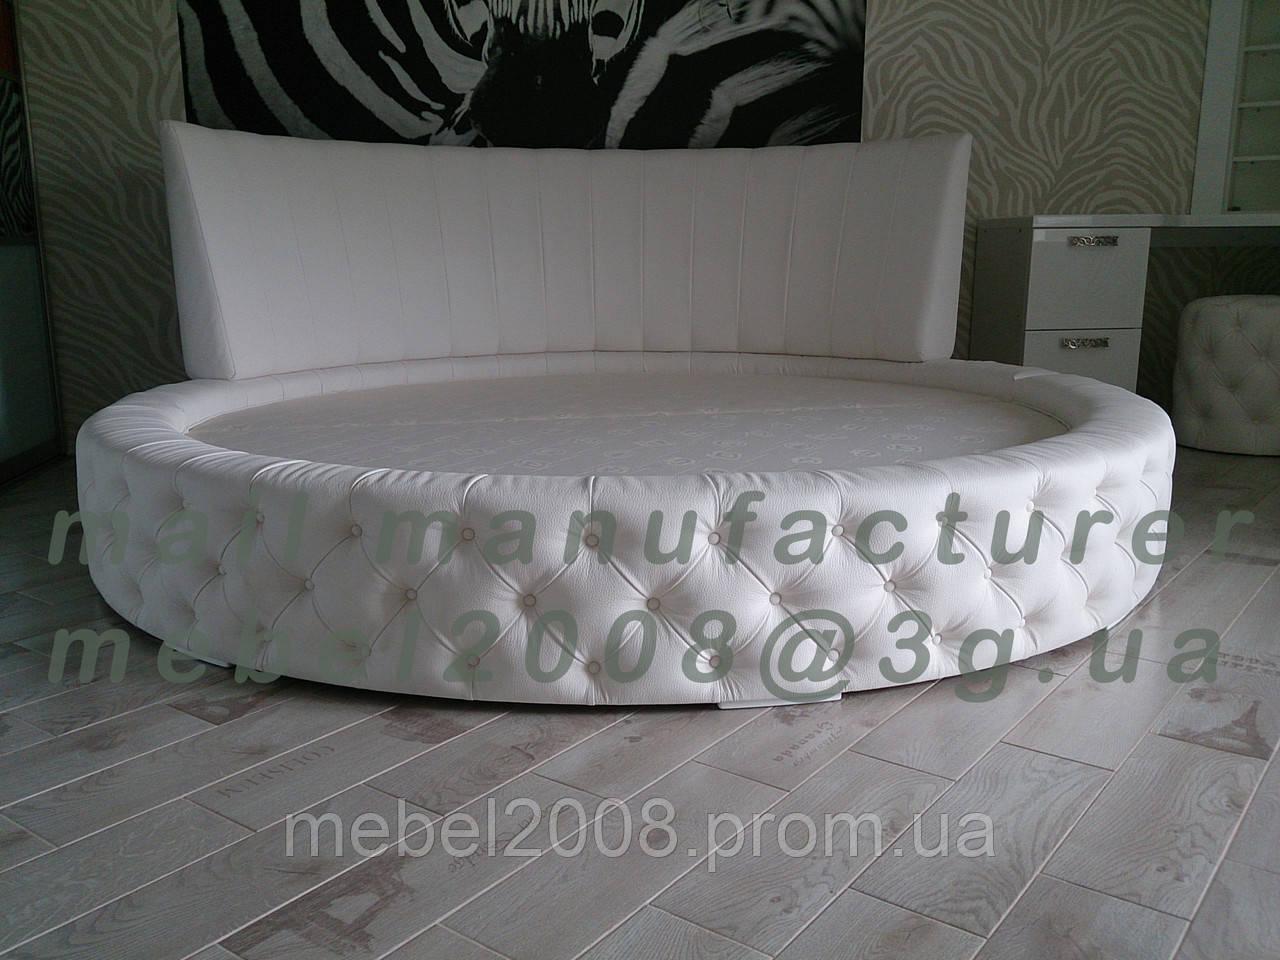 Двуспальные кровати с круглым матрасом где купить матрас 130 на 80